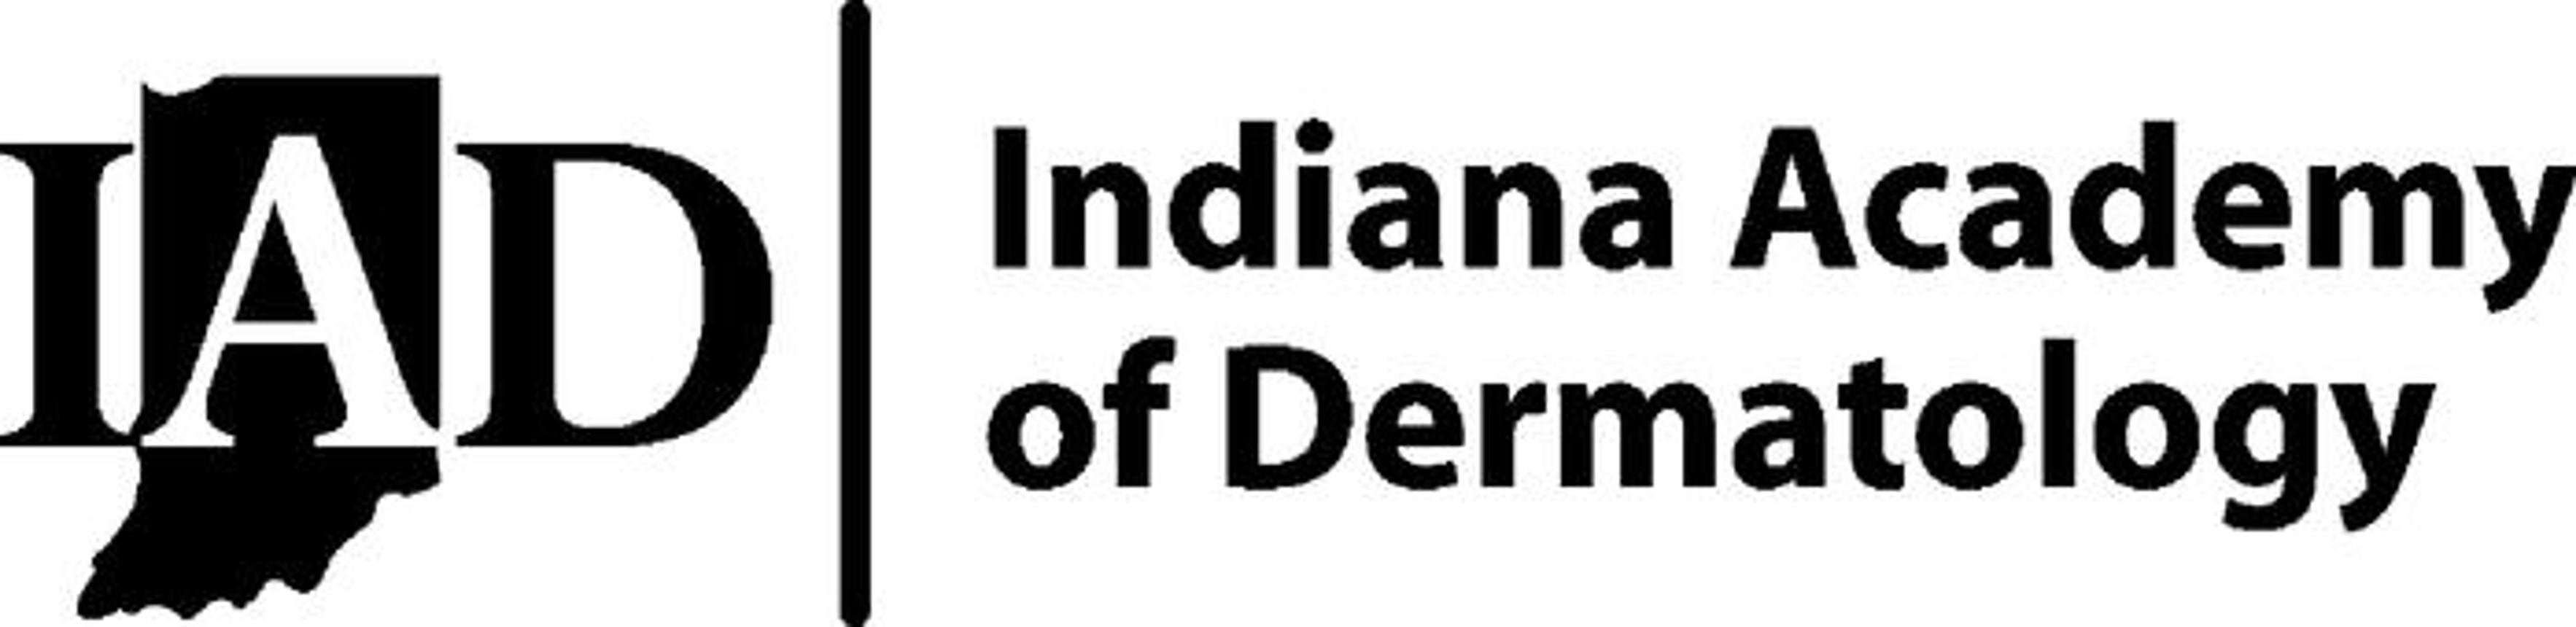 Indiana Academy of Dermatology logo